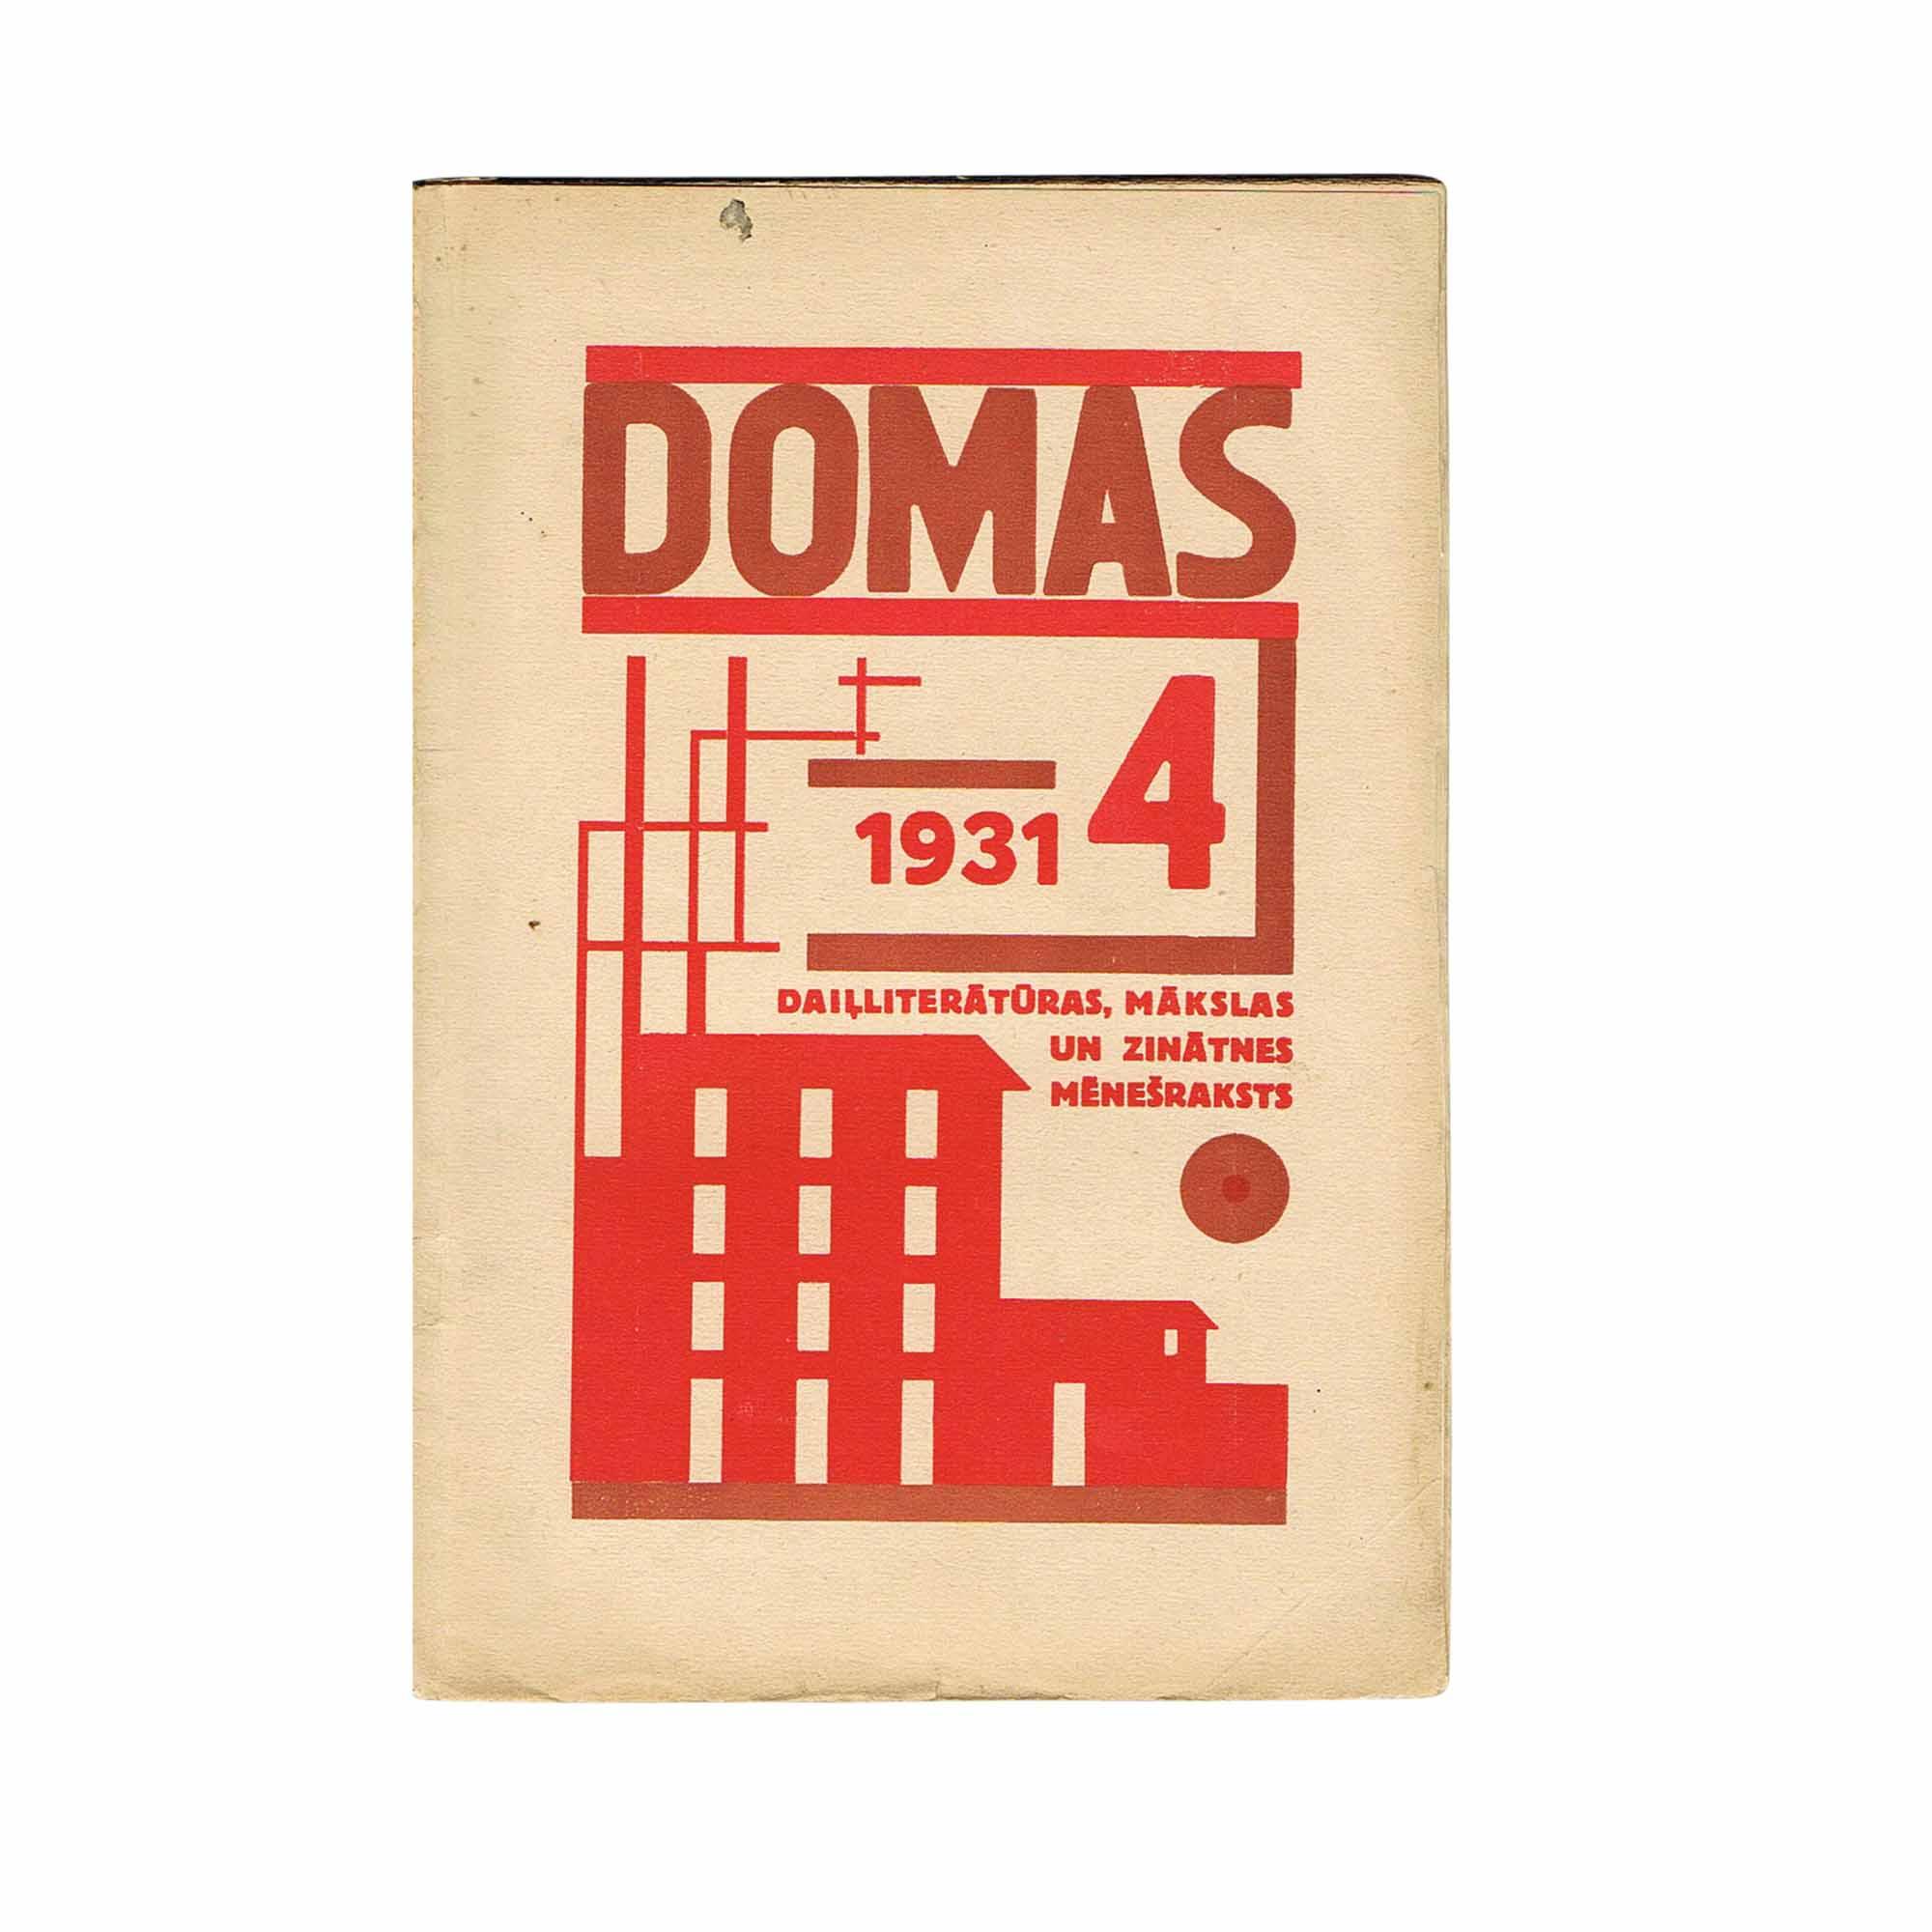 5215-Domas-Strunke-VIII-4-1931-Cover-N.jpg